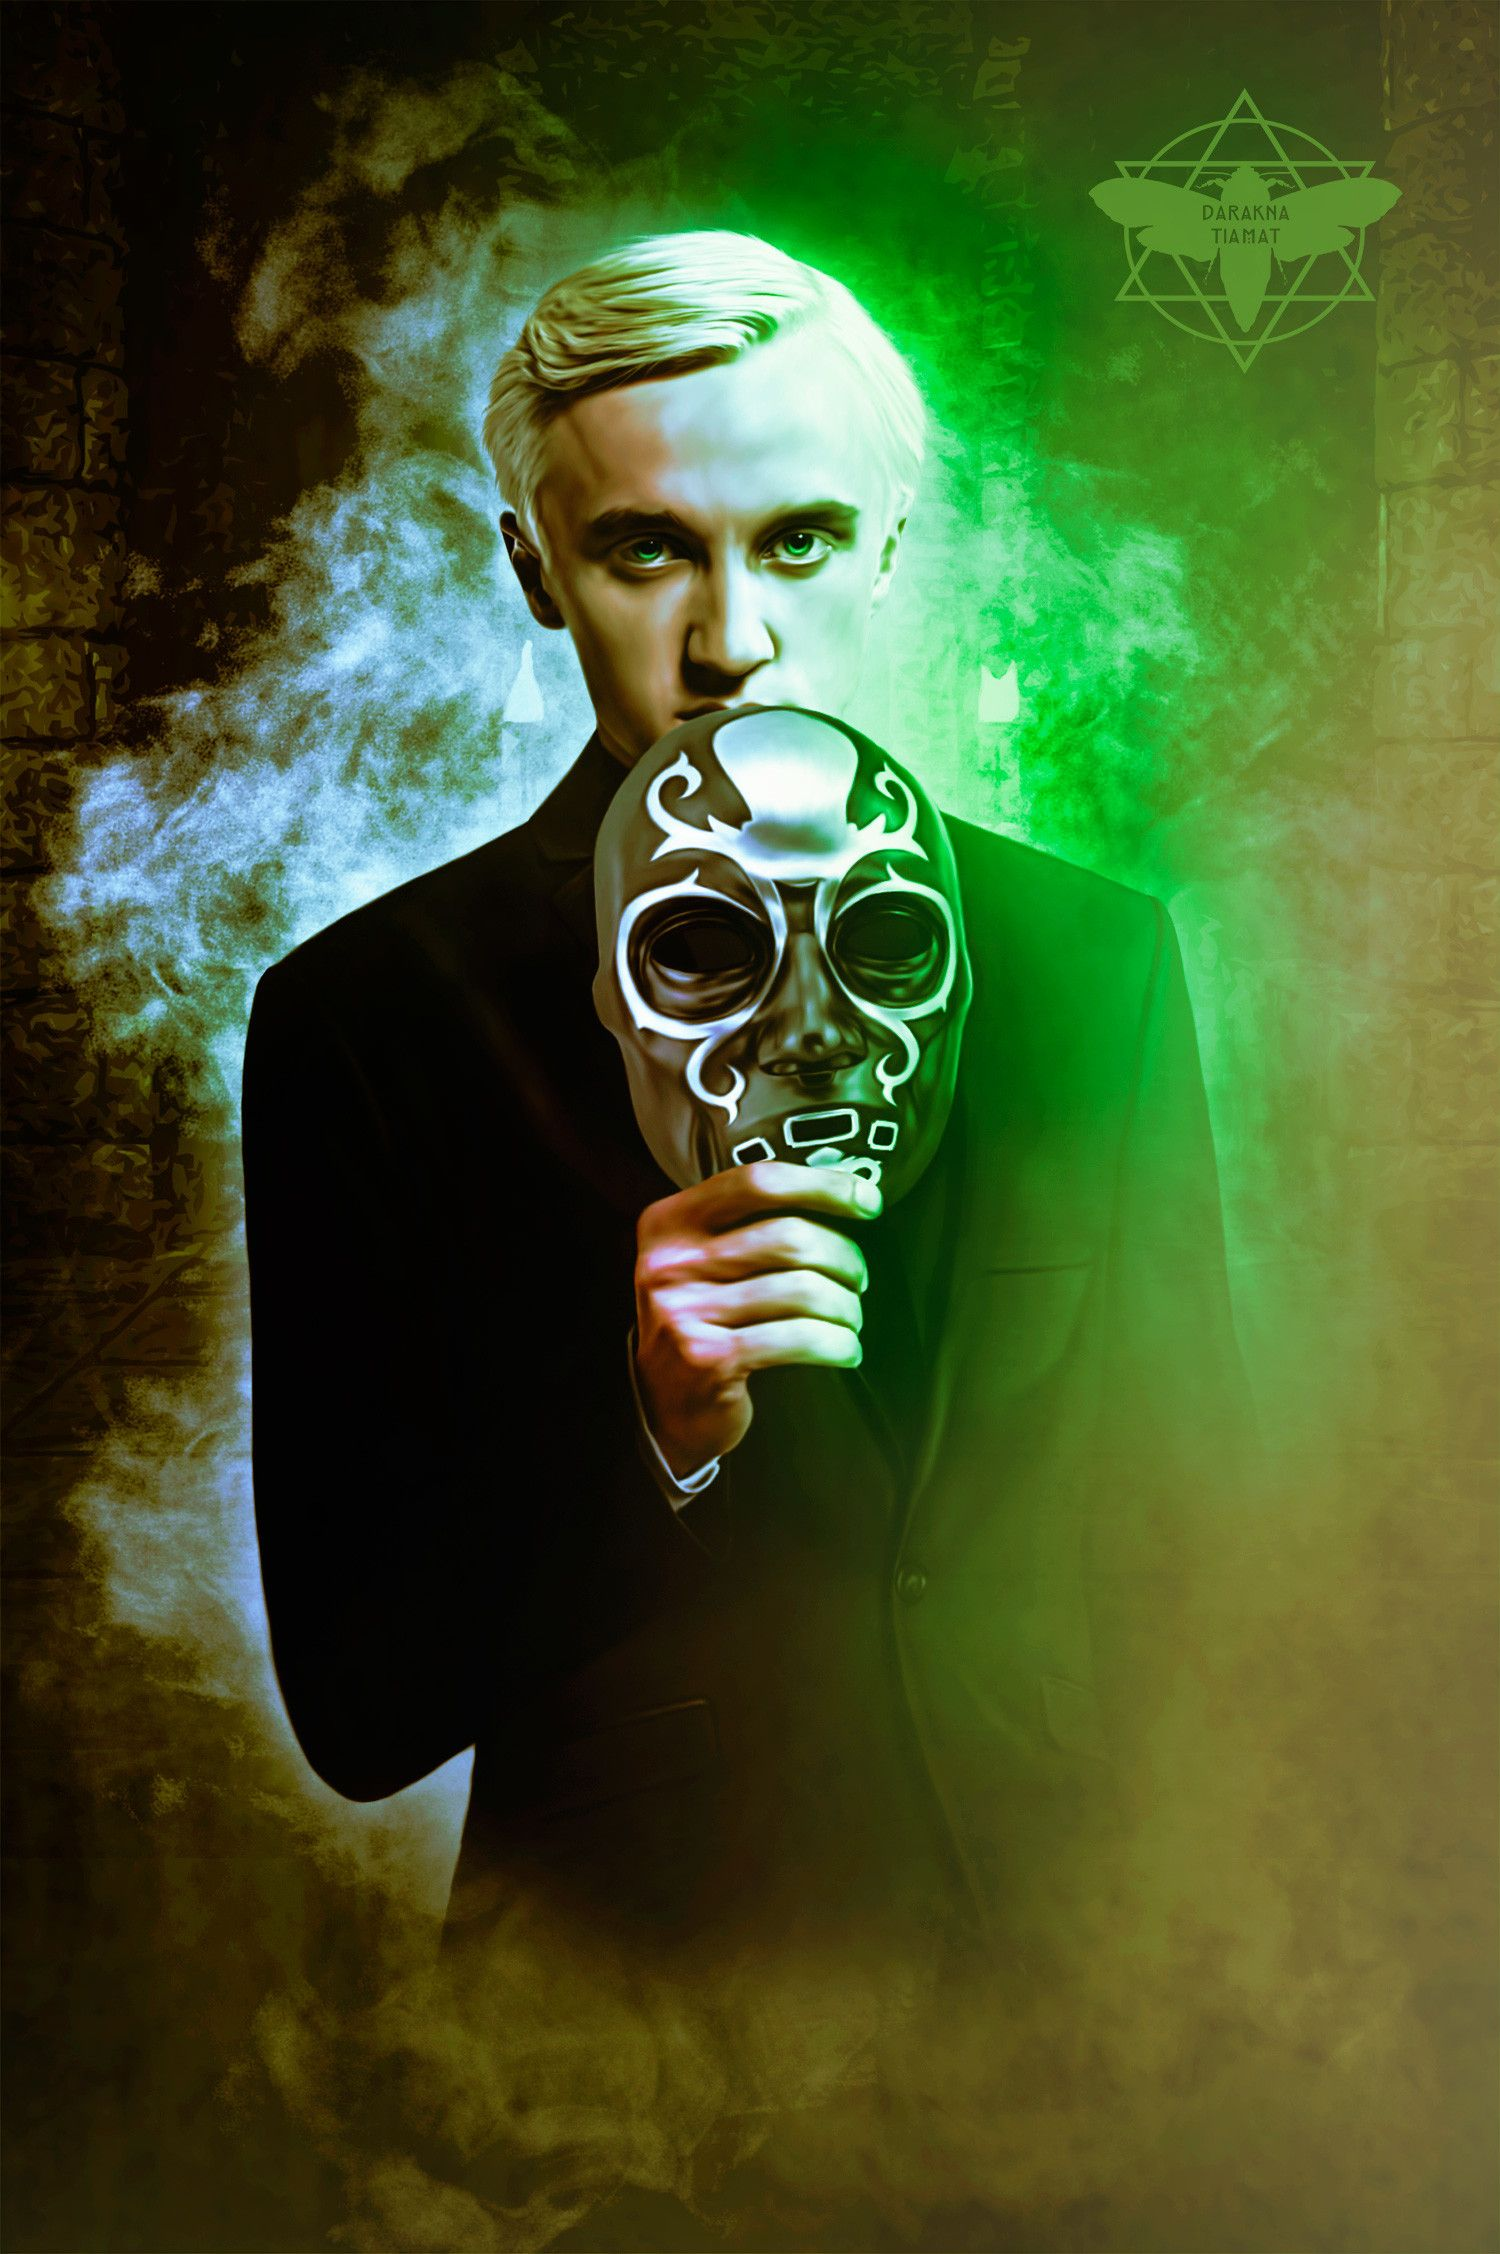 Tom Felton As Draco Malfoy Draco Harry Potter Draco Malfoy Fanart Harry Potter Wallpaper